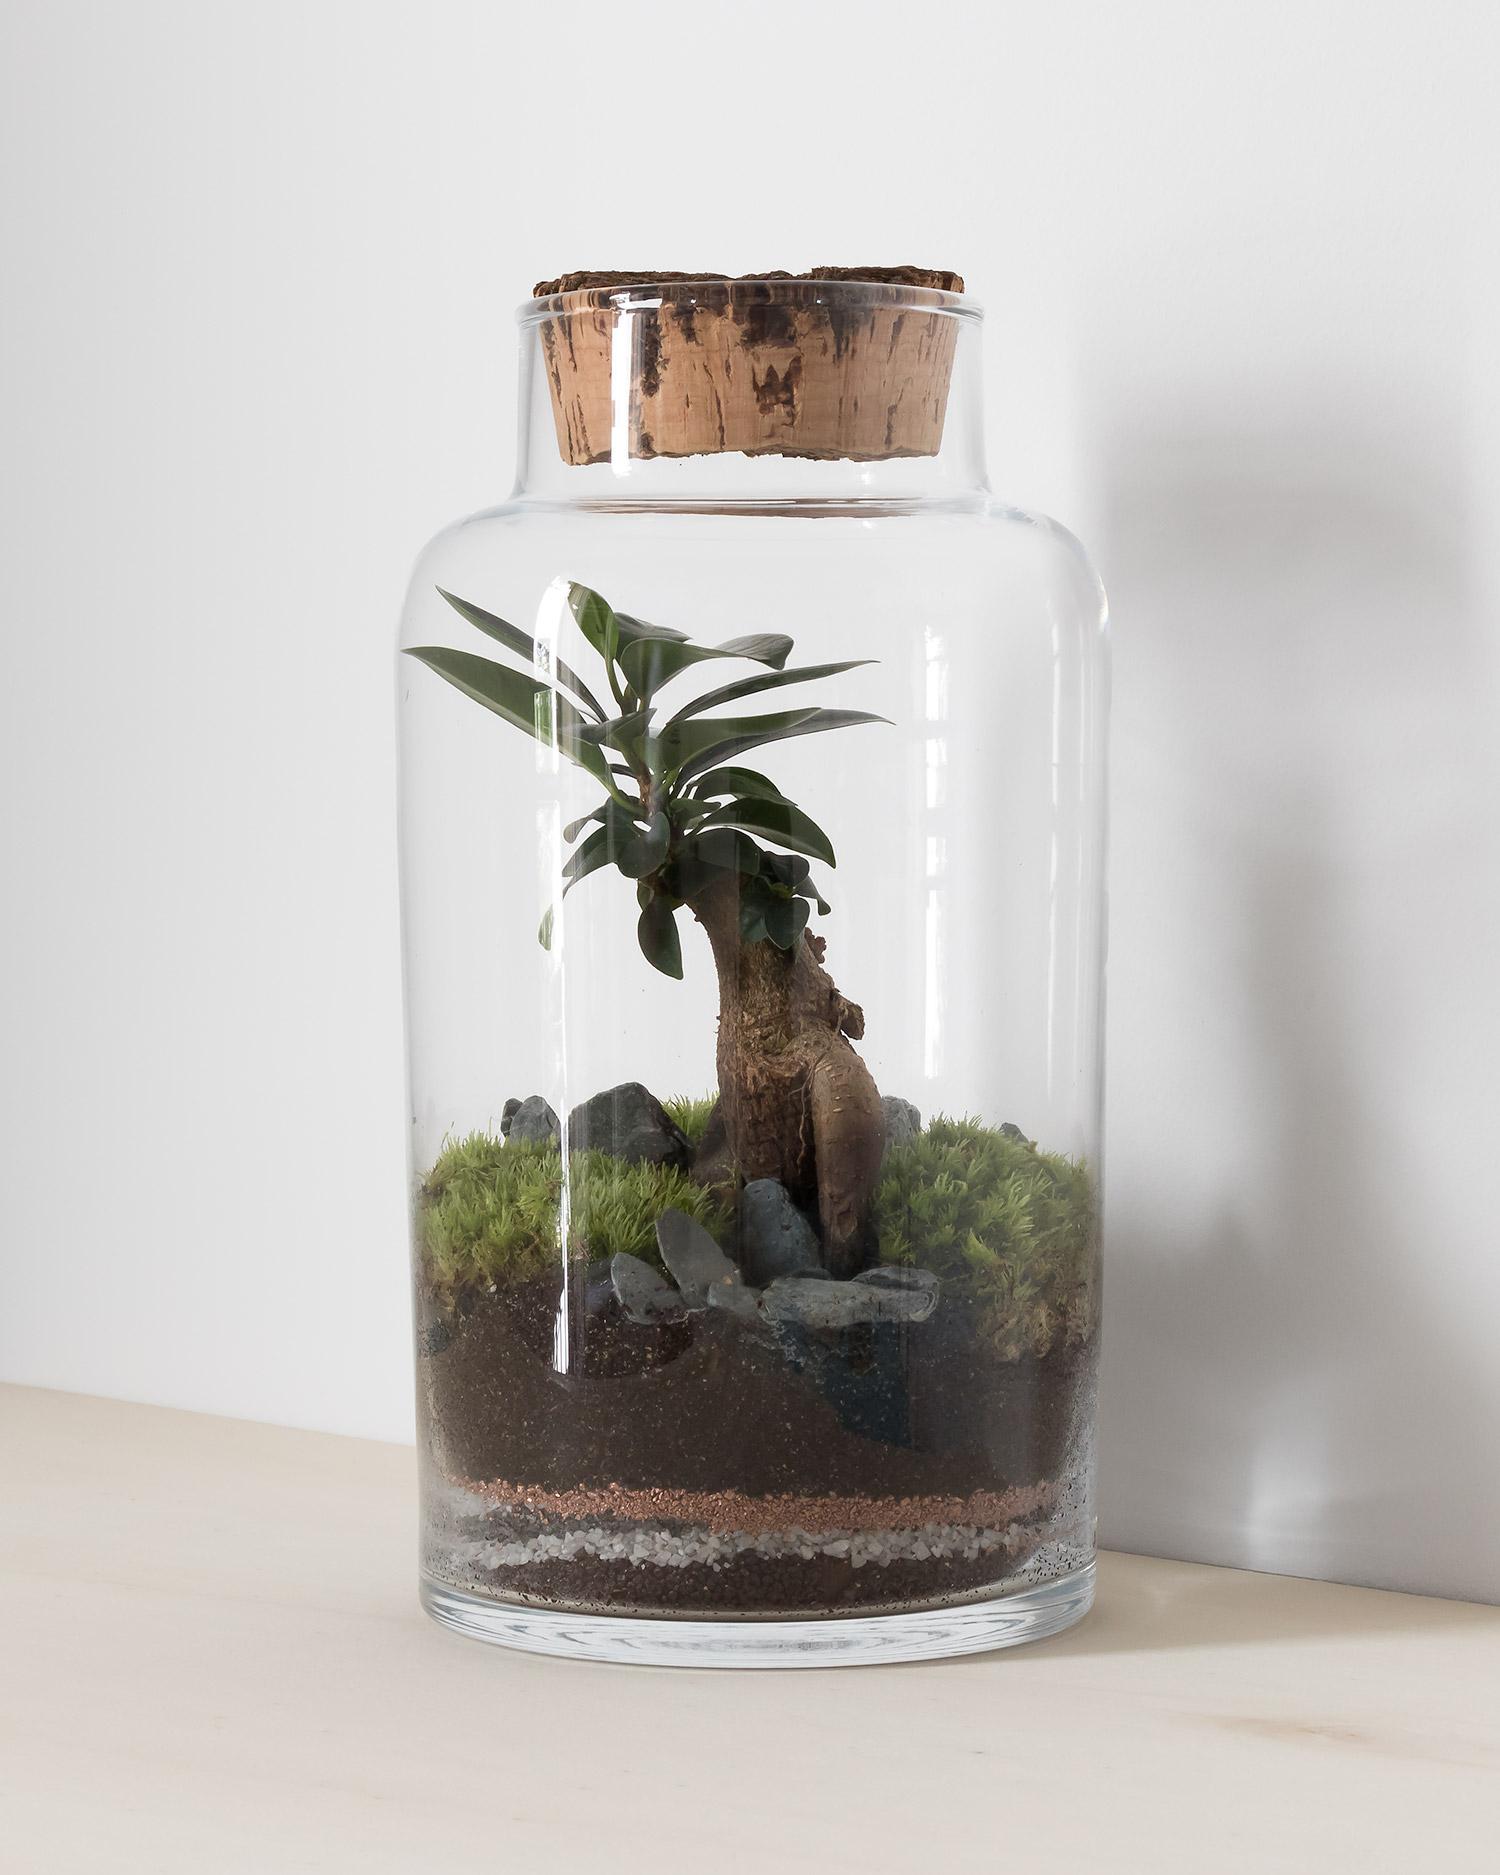 Glass terrarium jar with bonsai ficus tree, gravel and moss garden, cork stopper